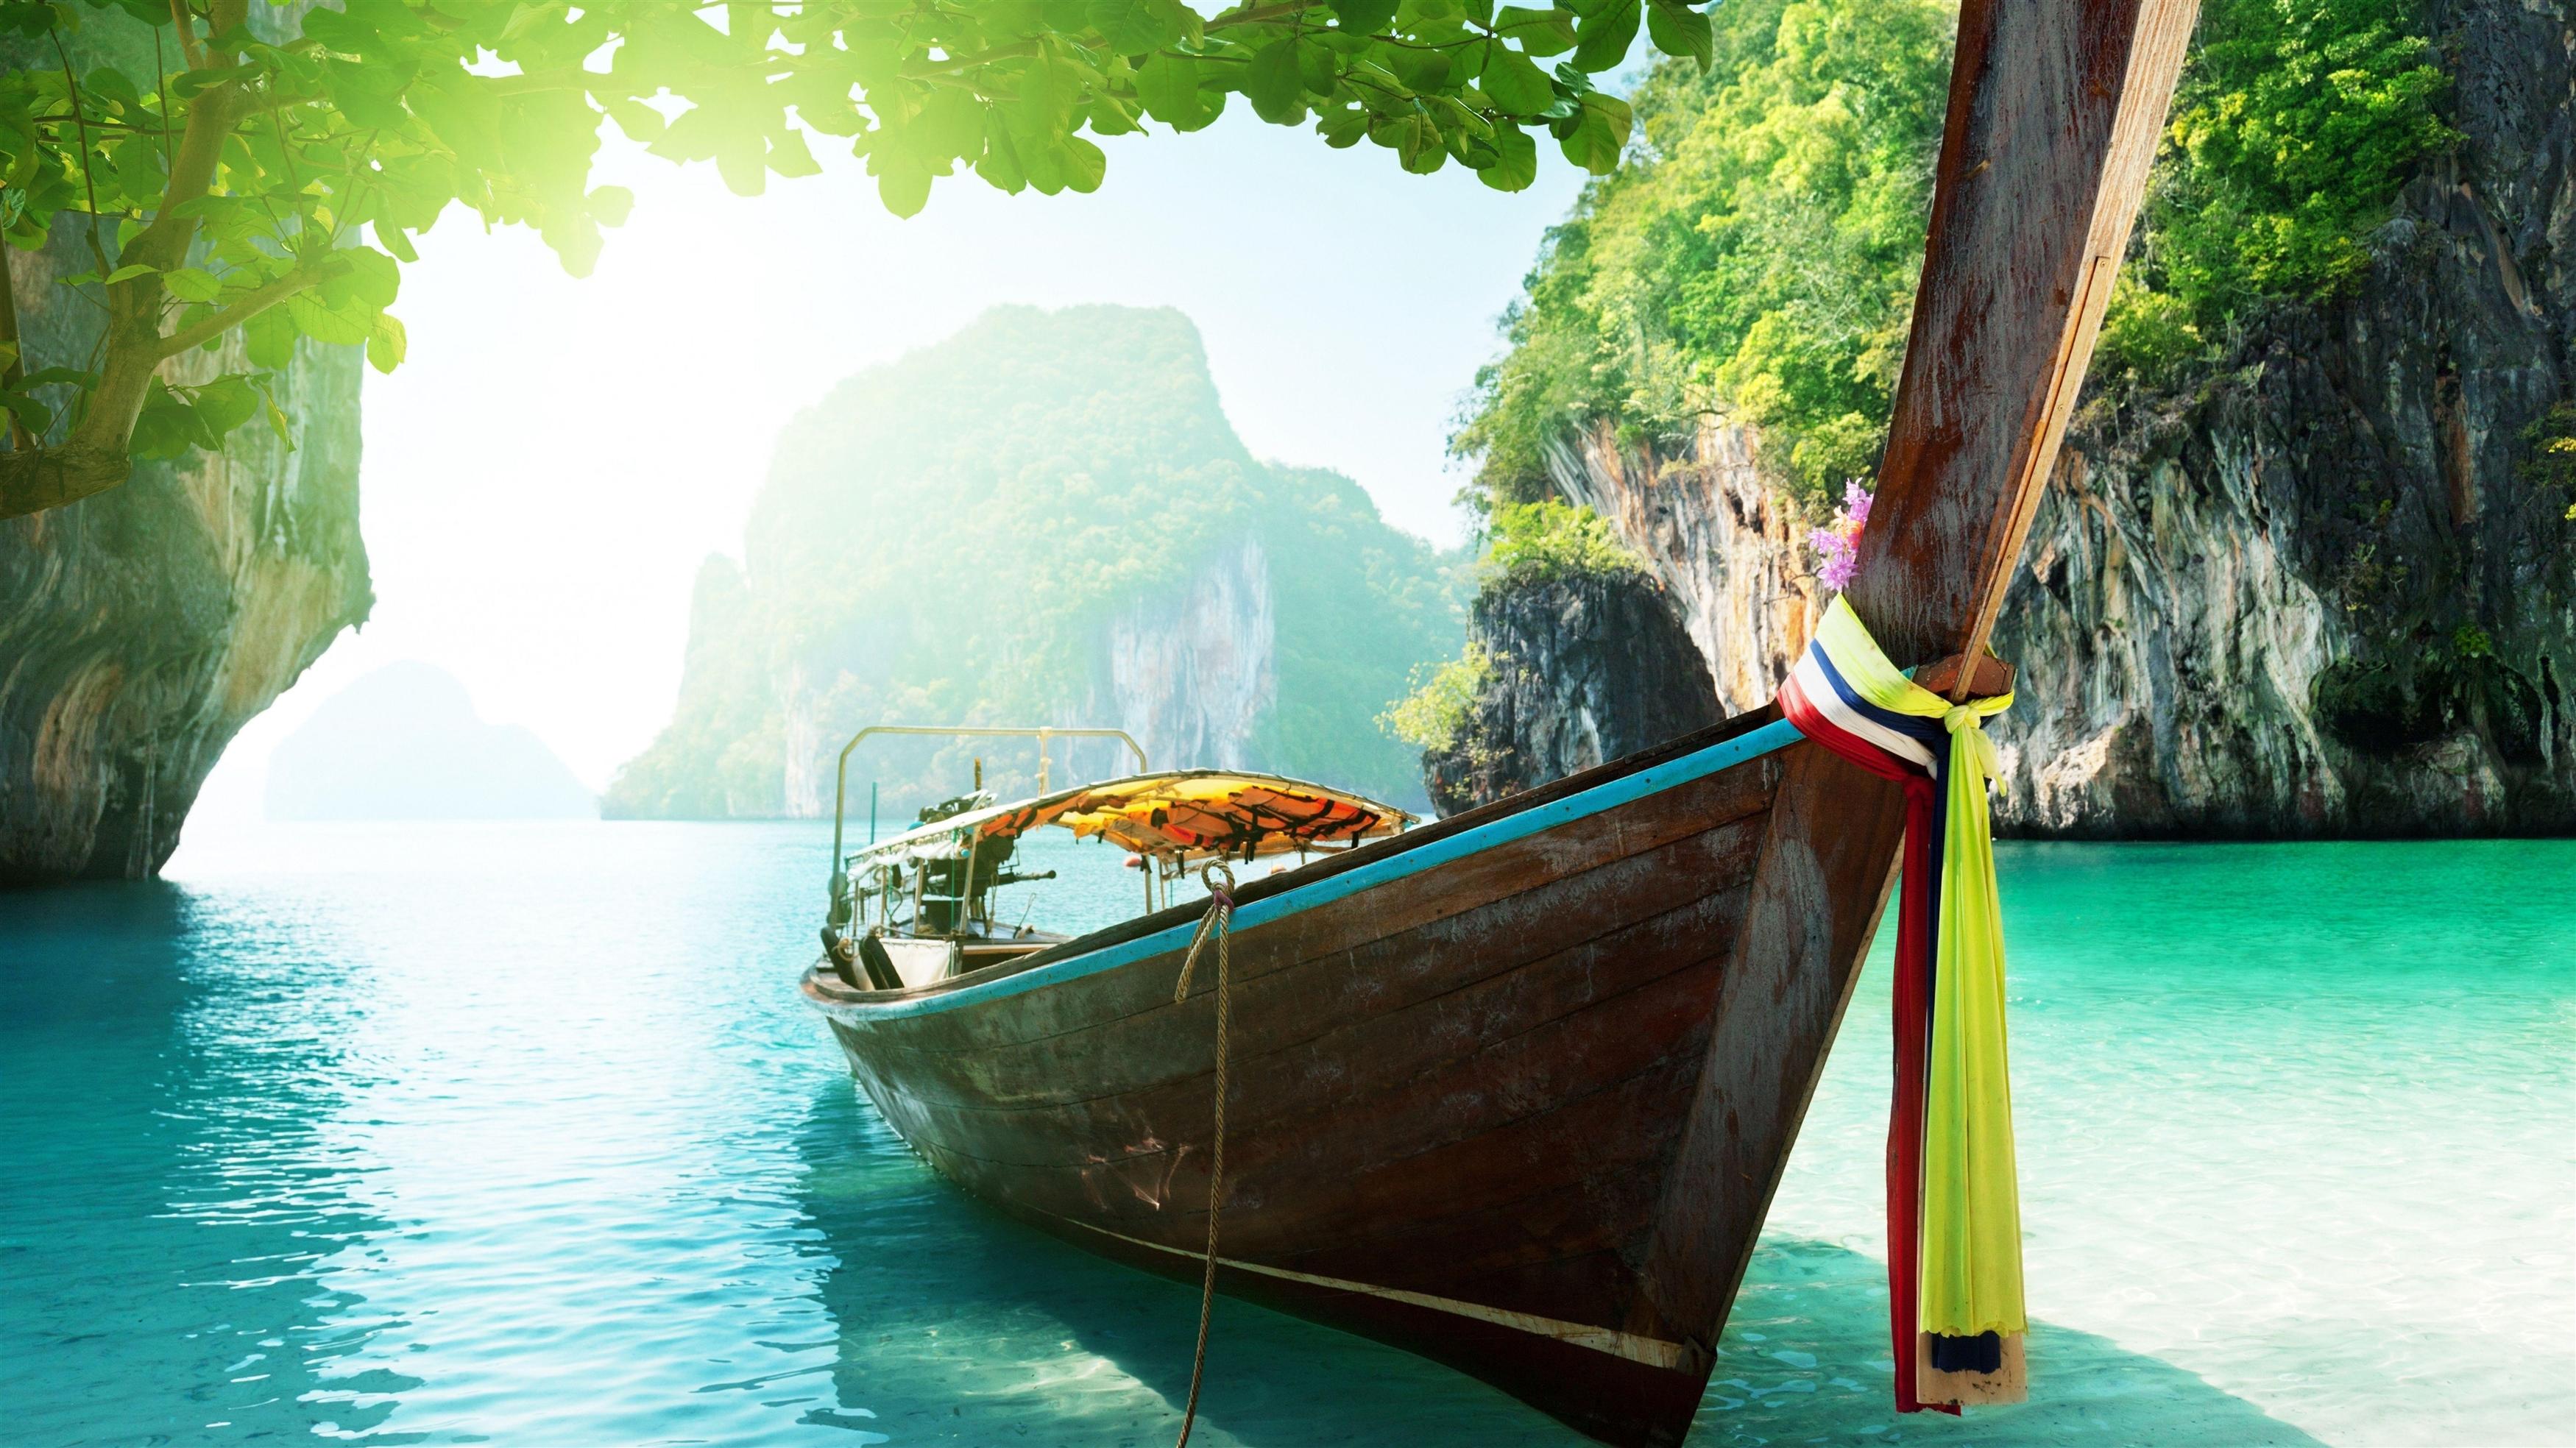 Лодка пляж деревья солнечный свет обои скачать